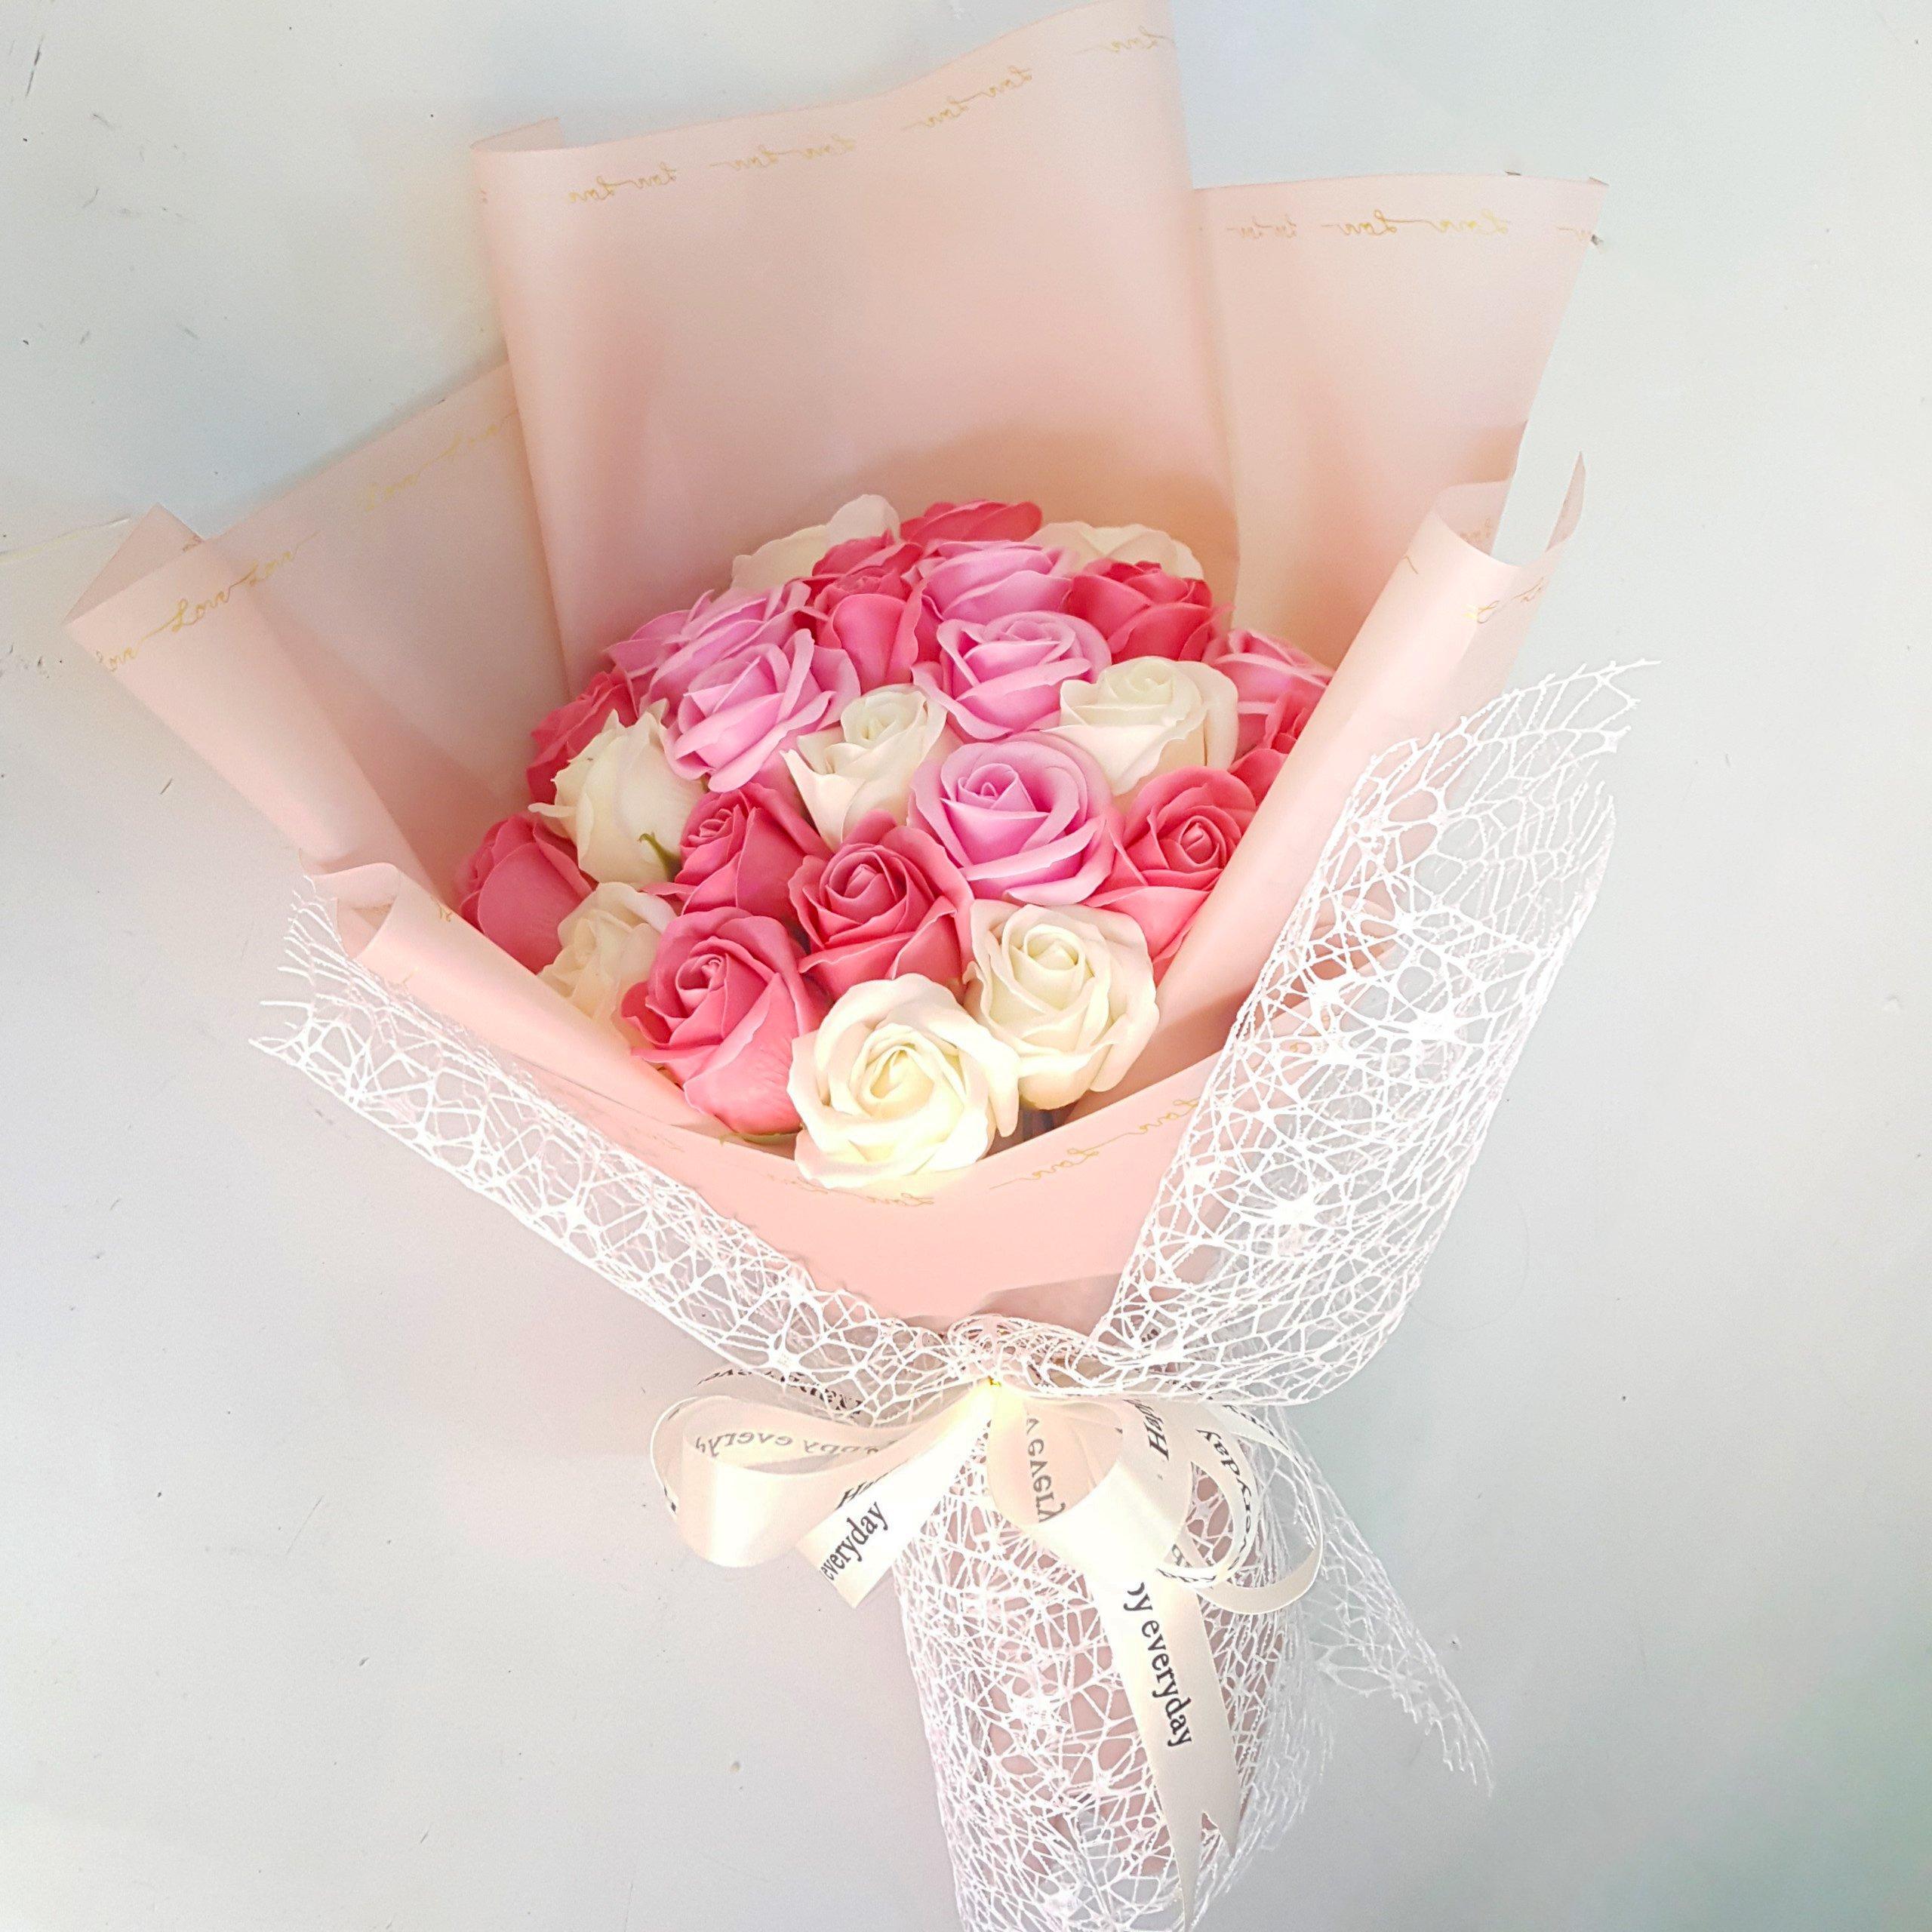 Bó hoa hồng sáp 3 màu Hồng Trắng và Hồng nhạt